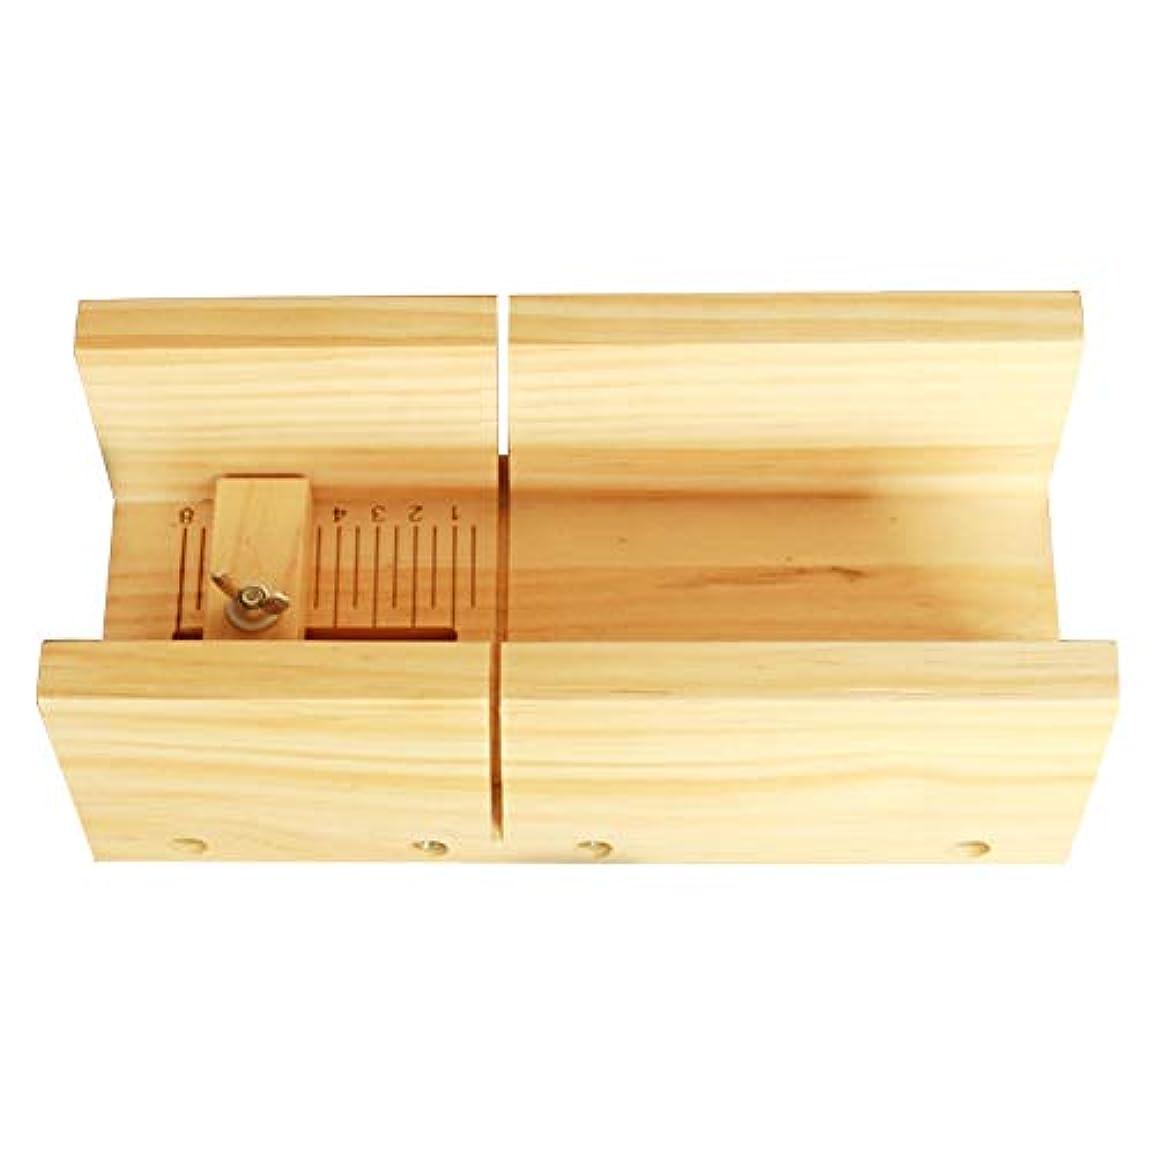 勇者スチール不幸ソープカッター、多機能ソープカッターキャンドルケーキチョコレートカッティングツール木製ボックス器具キャンドルスケール用DIYクラフトを作る